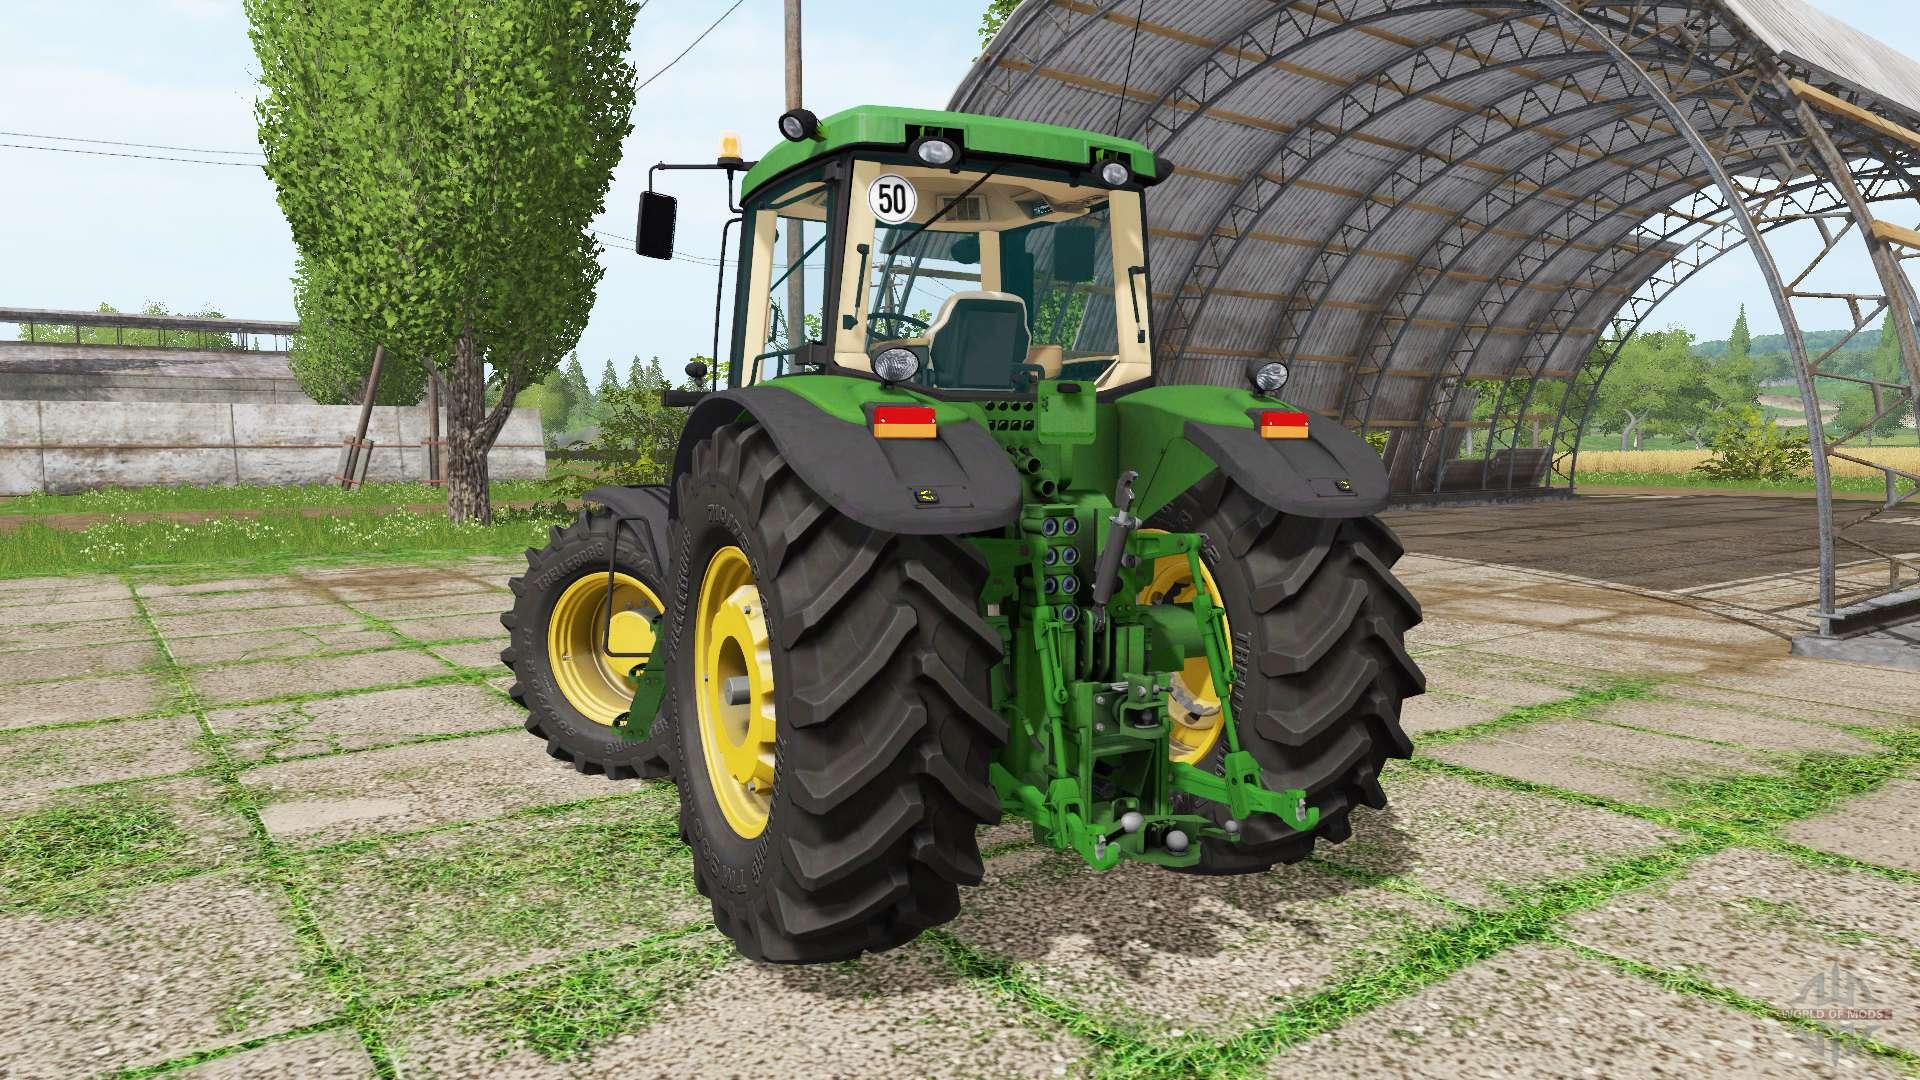 Универсально-пропашной трактор БЕЛАРУС-892.3 / МТЗ-892.3